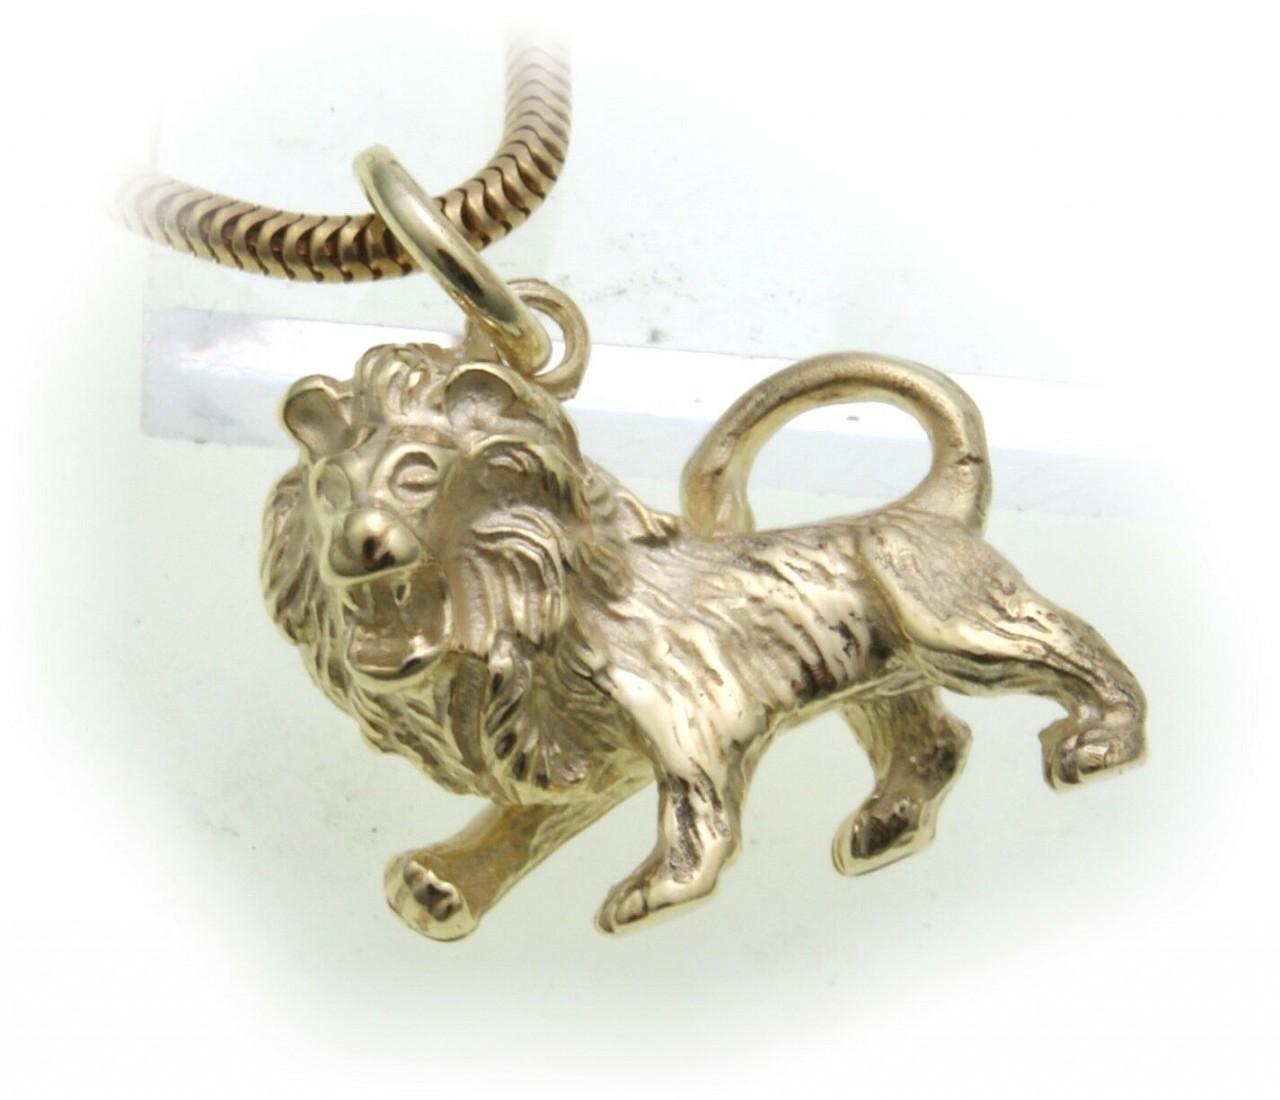 Anhänger Sternzeichen Löwe echt Gold 585 massiv 14kt Tierkreiszeichen